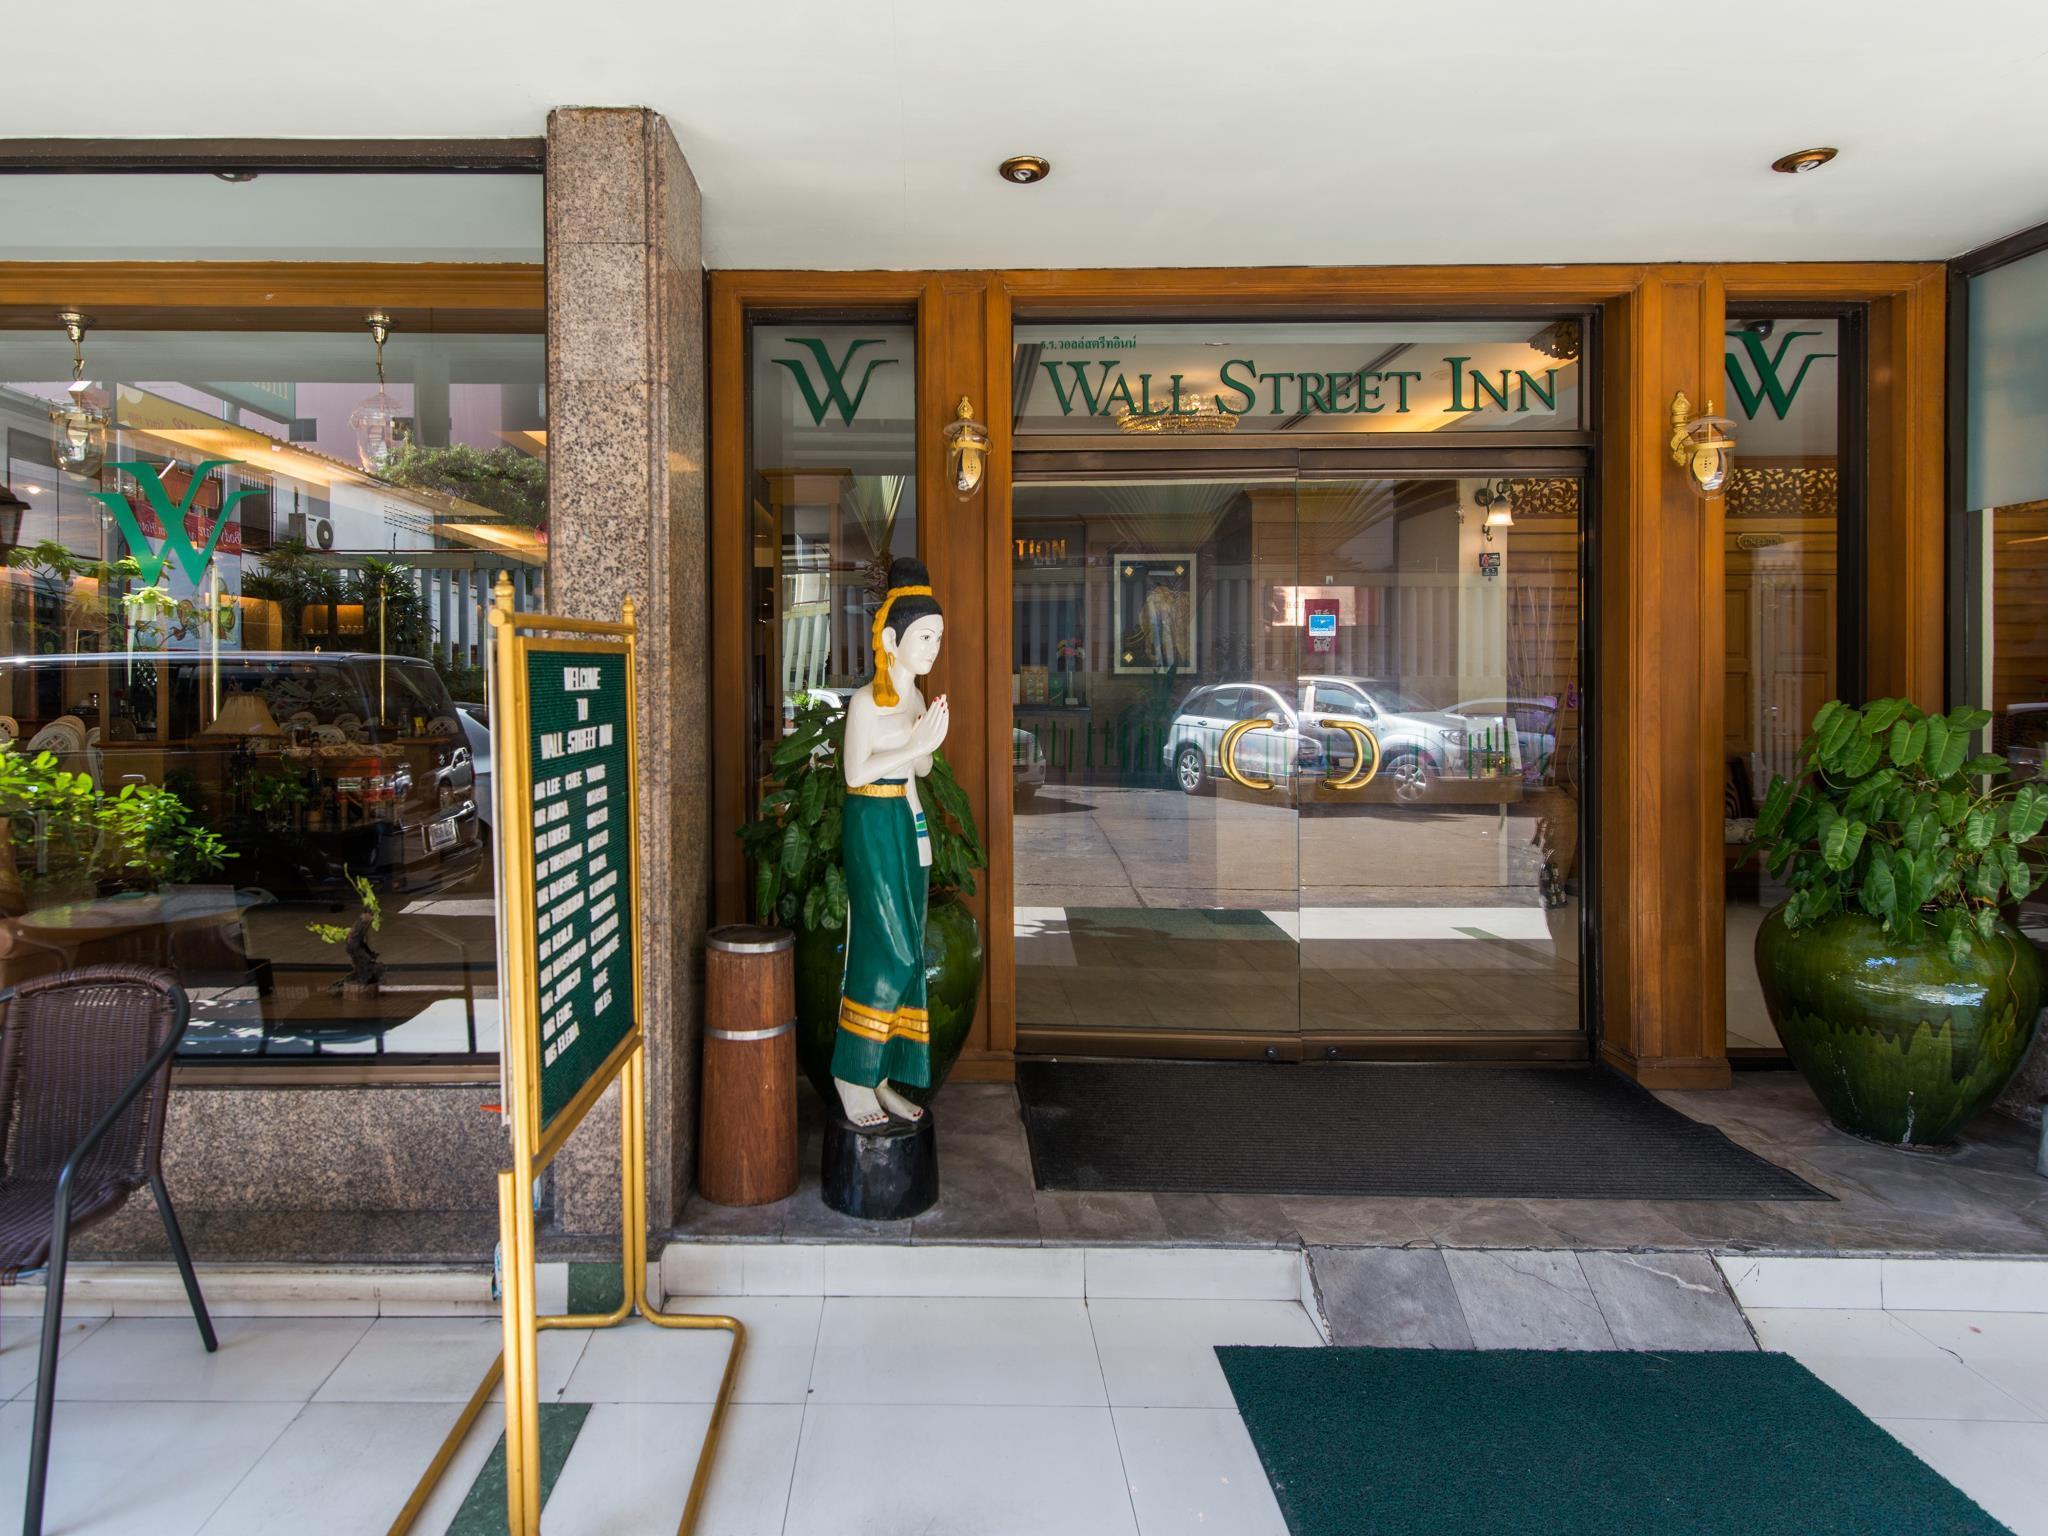 โรงแรมวอลล์สตรีท อินน์